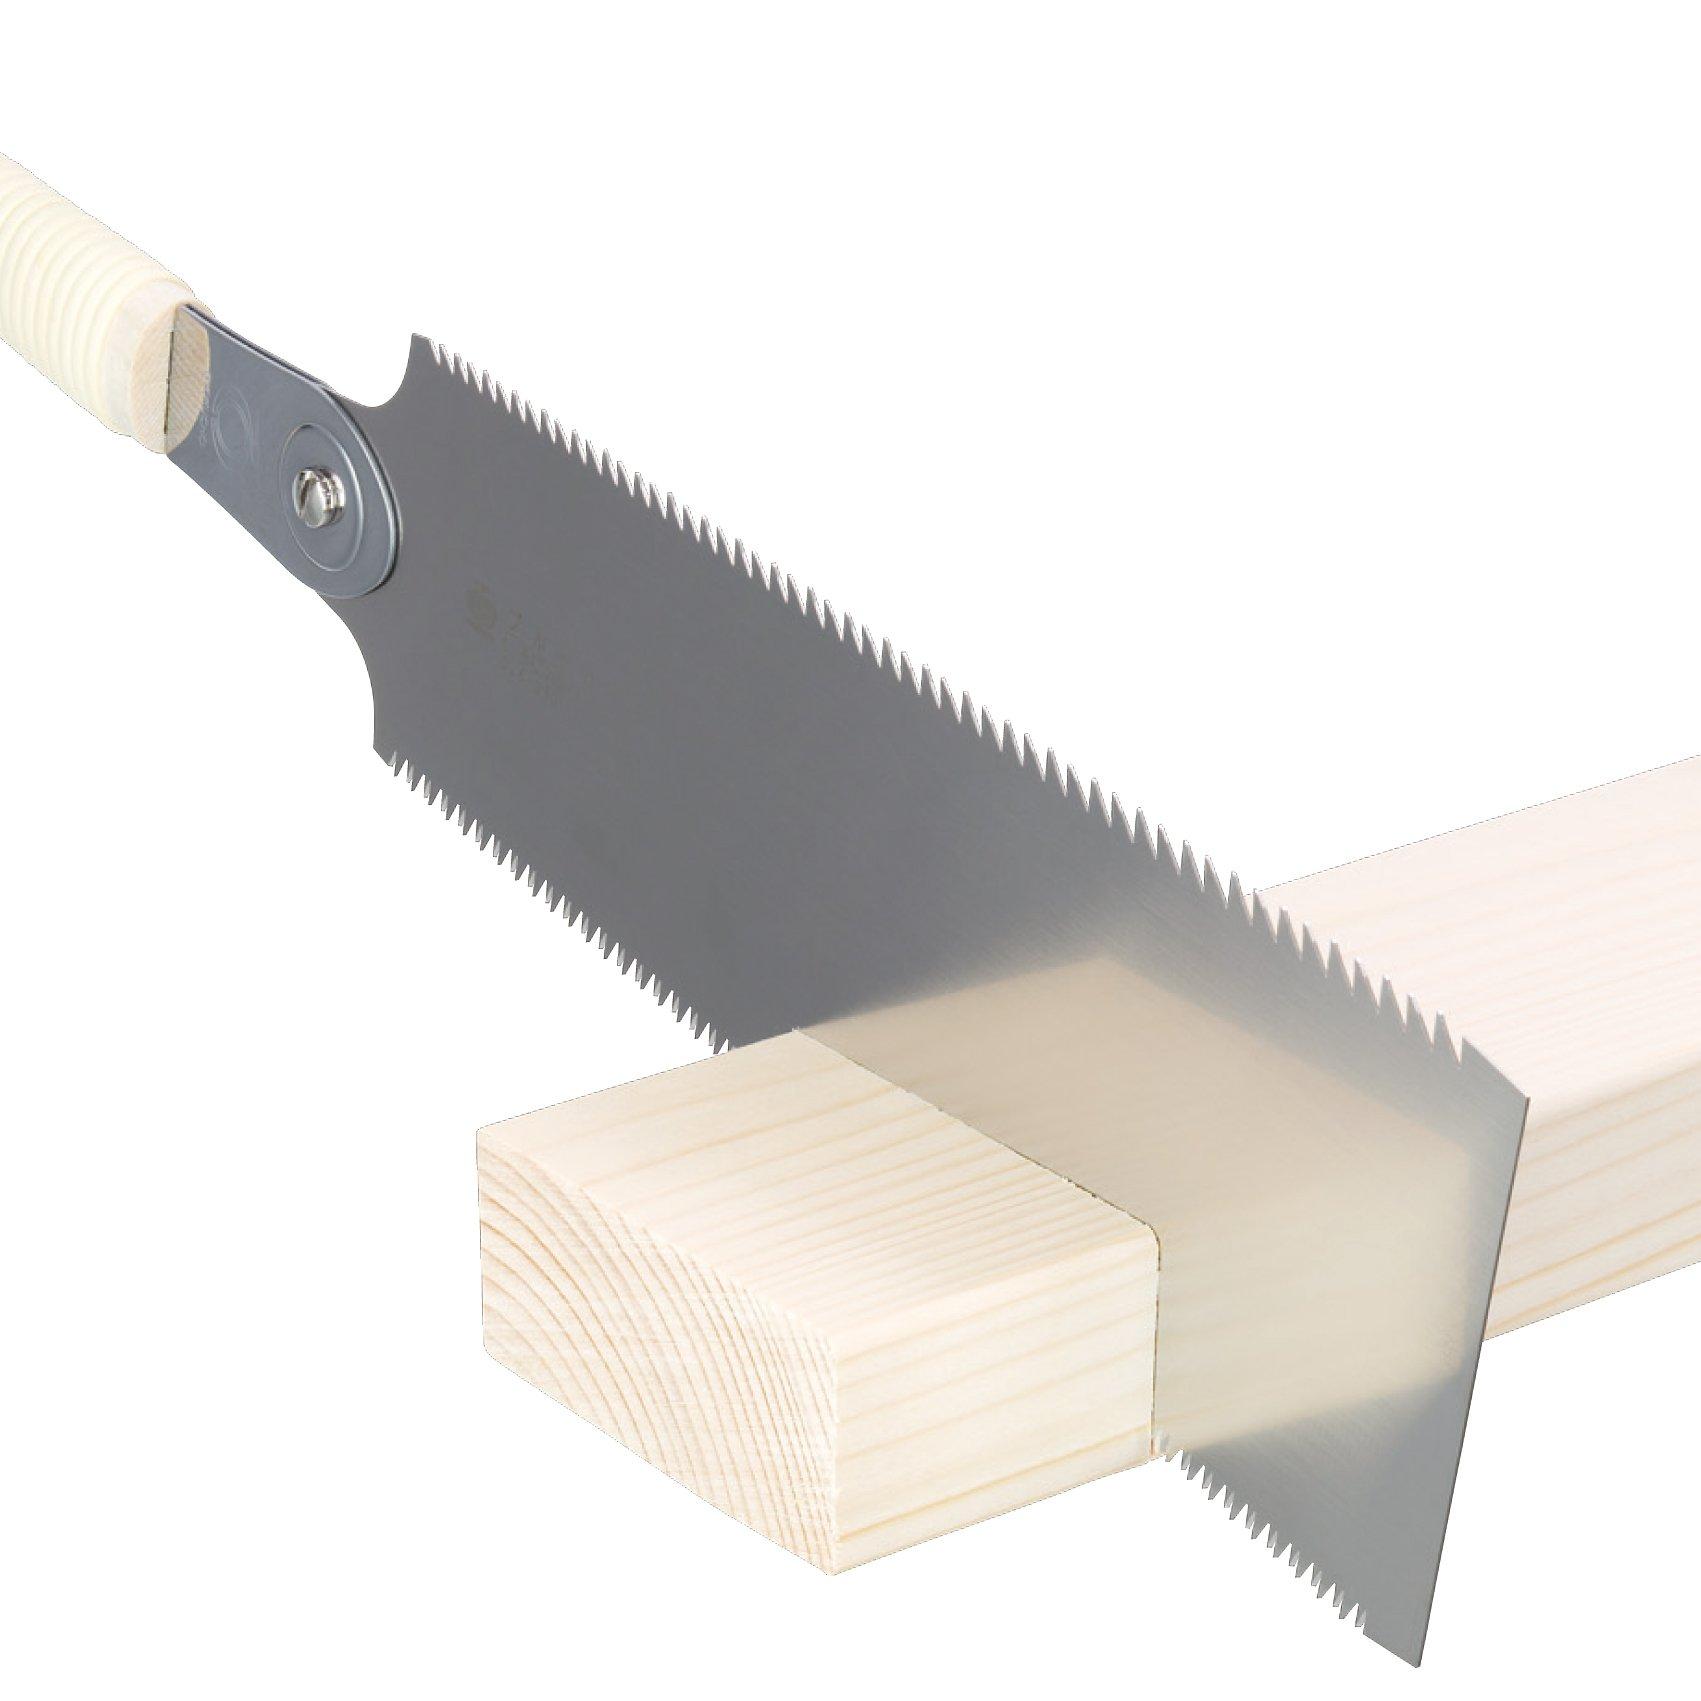 Gyokucho Noko Giri 270mm Double Edge (Ryoba) Razor Saw from Japan Woodworker by Gyokucho (Image #6)